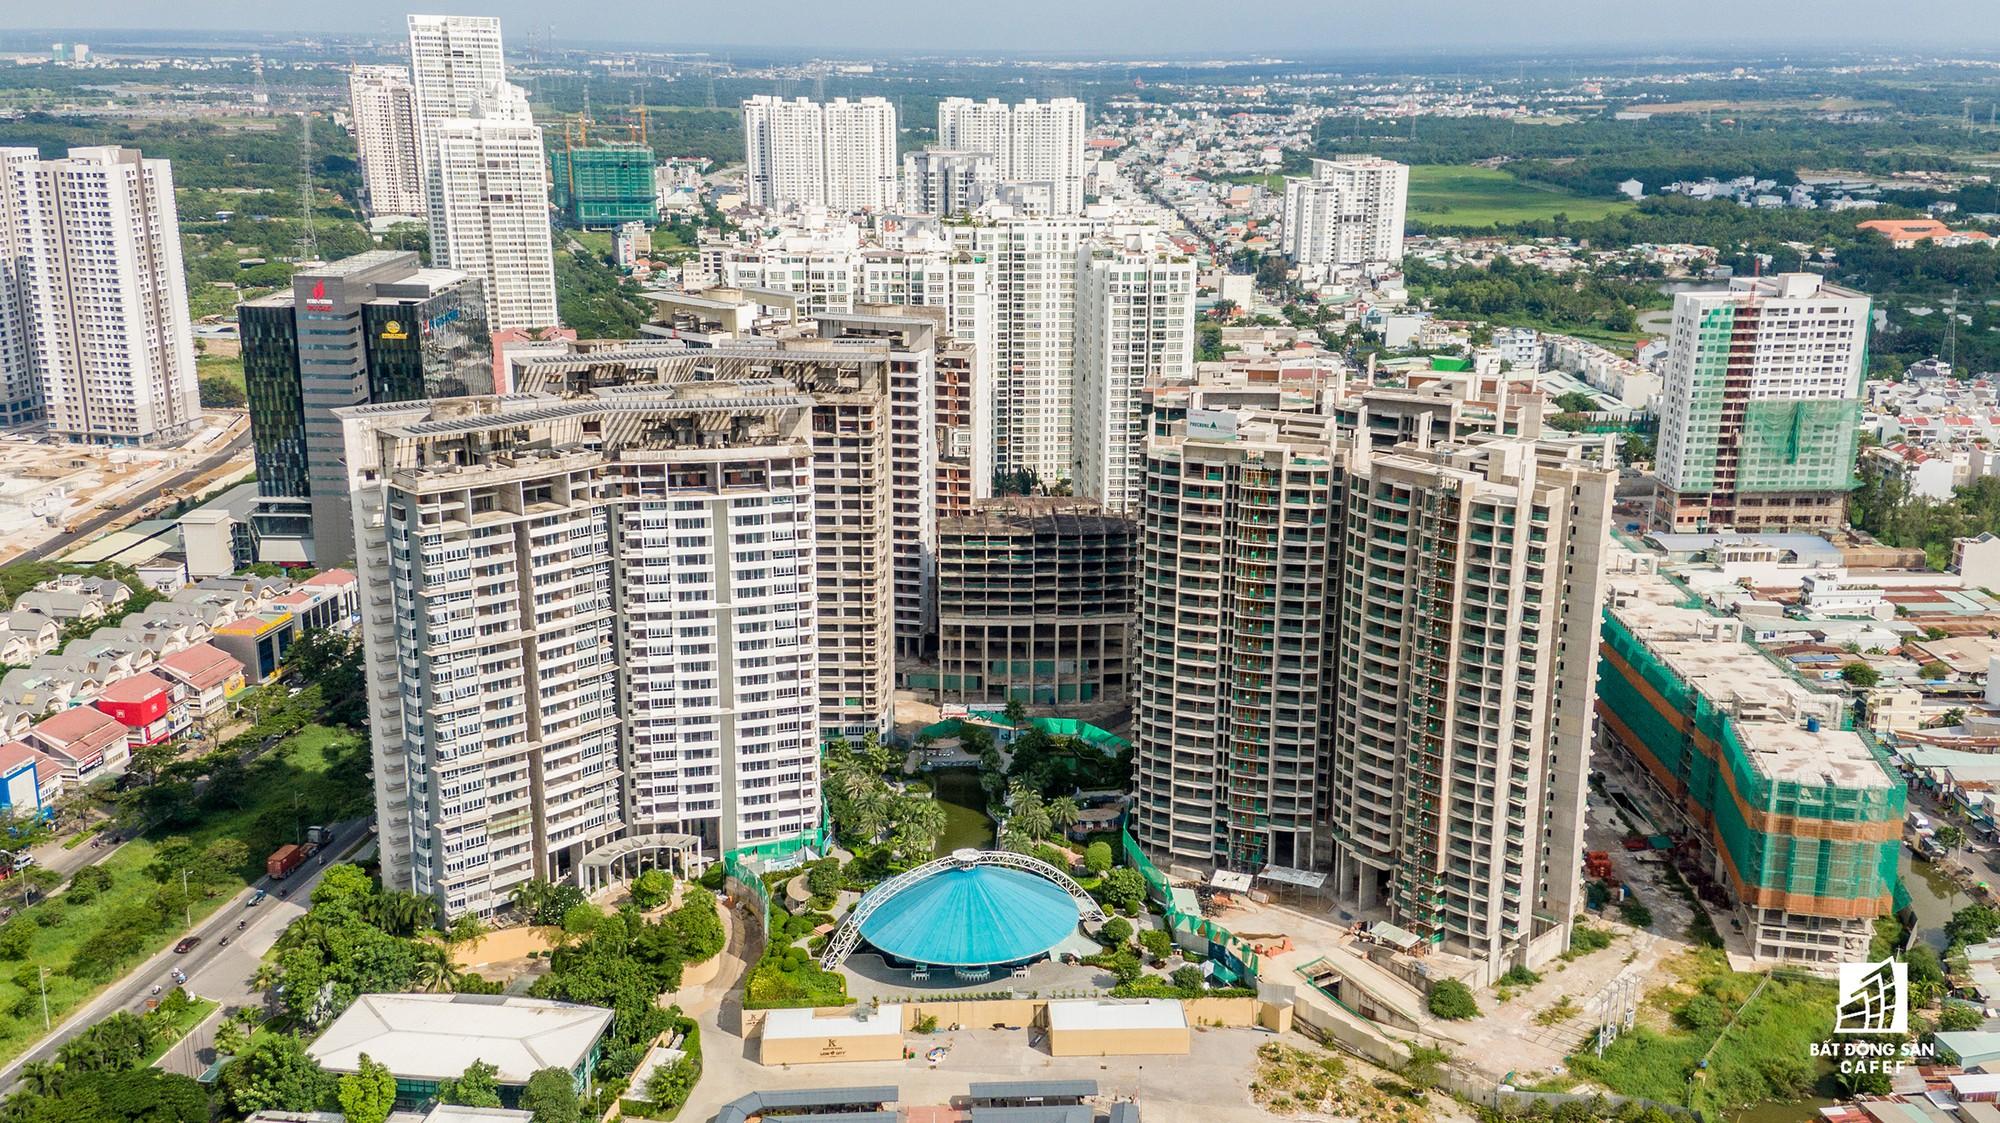 Những cửa ngõ ra vào trung tâm Sài Gòn đang bị bóp nghẹt như thế nào? - Ảnh 5.